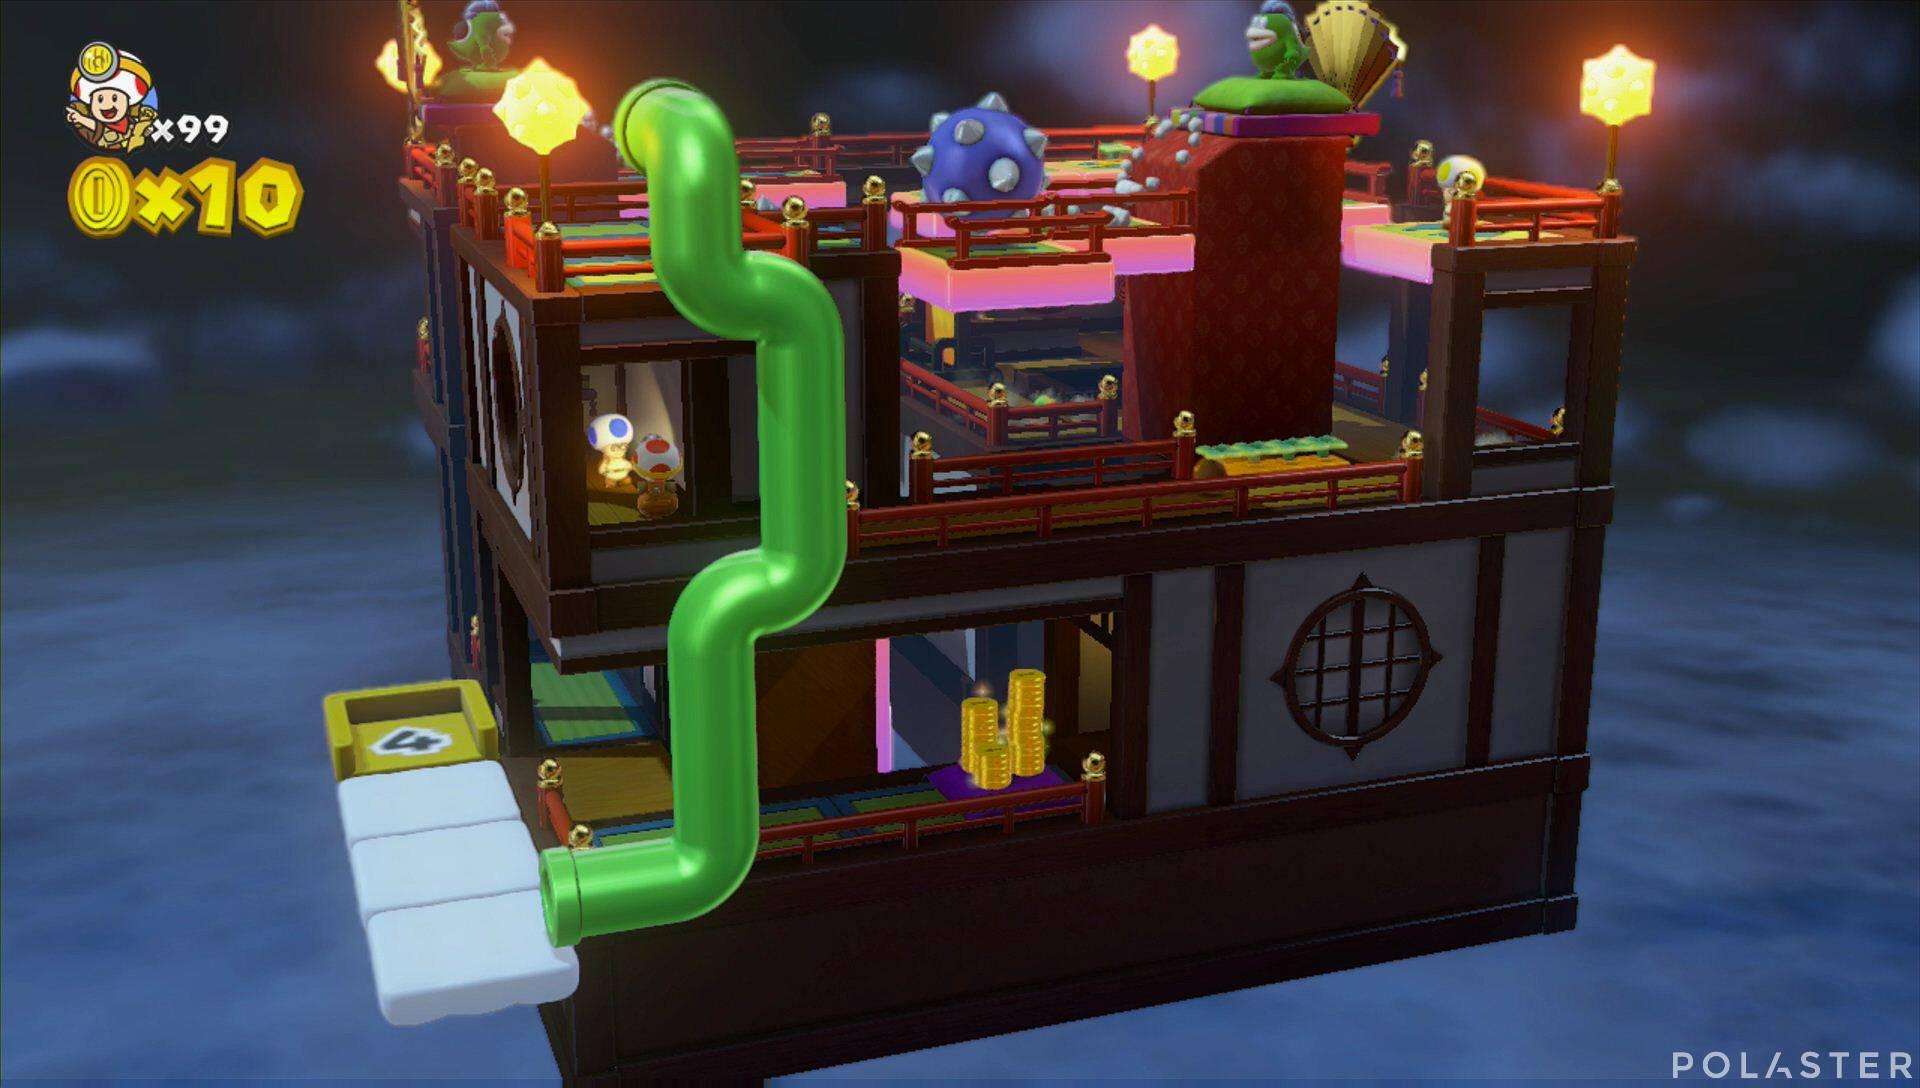 Captain Toad: Treasure Tracker Extra: ¡Cuadrilla, a los tejados! Toad azul